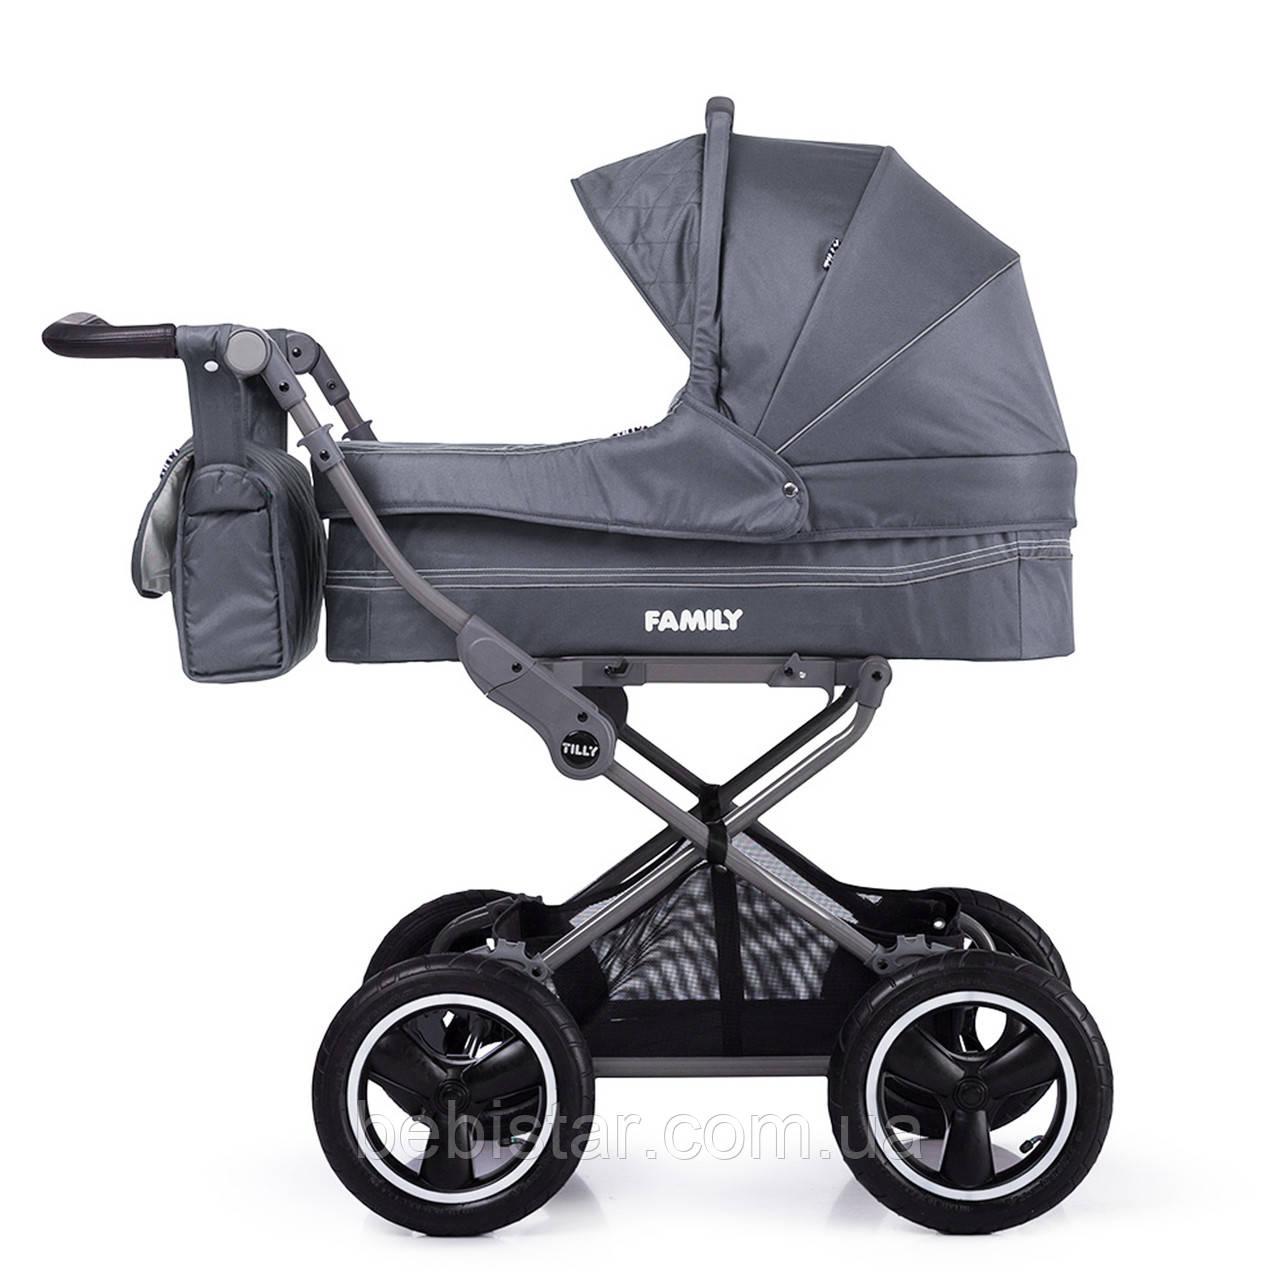 Универсальная коляска серая Tilli Family 2в1 люлька прогулочный блок матрасик москитная сетка дождевик